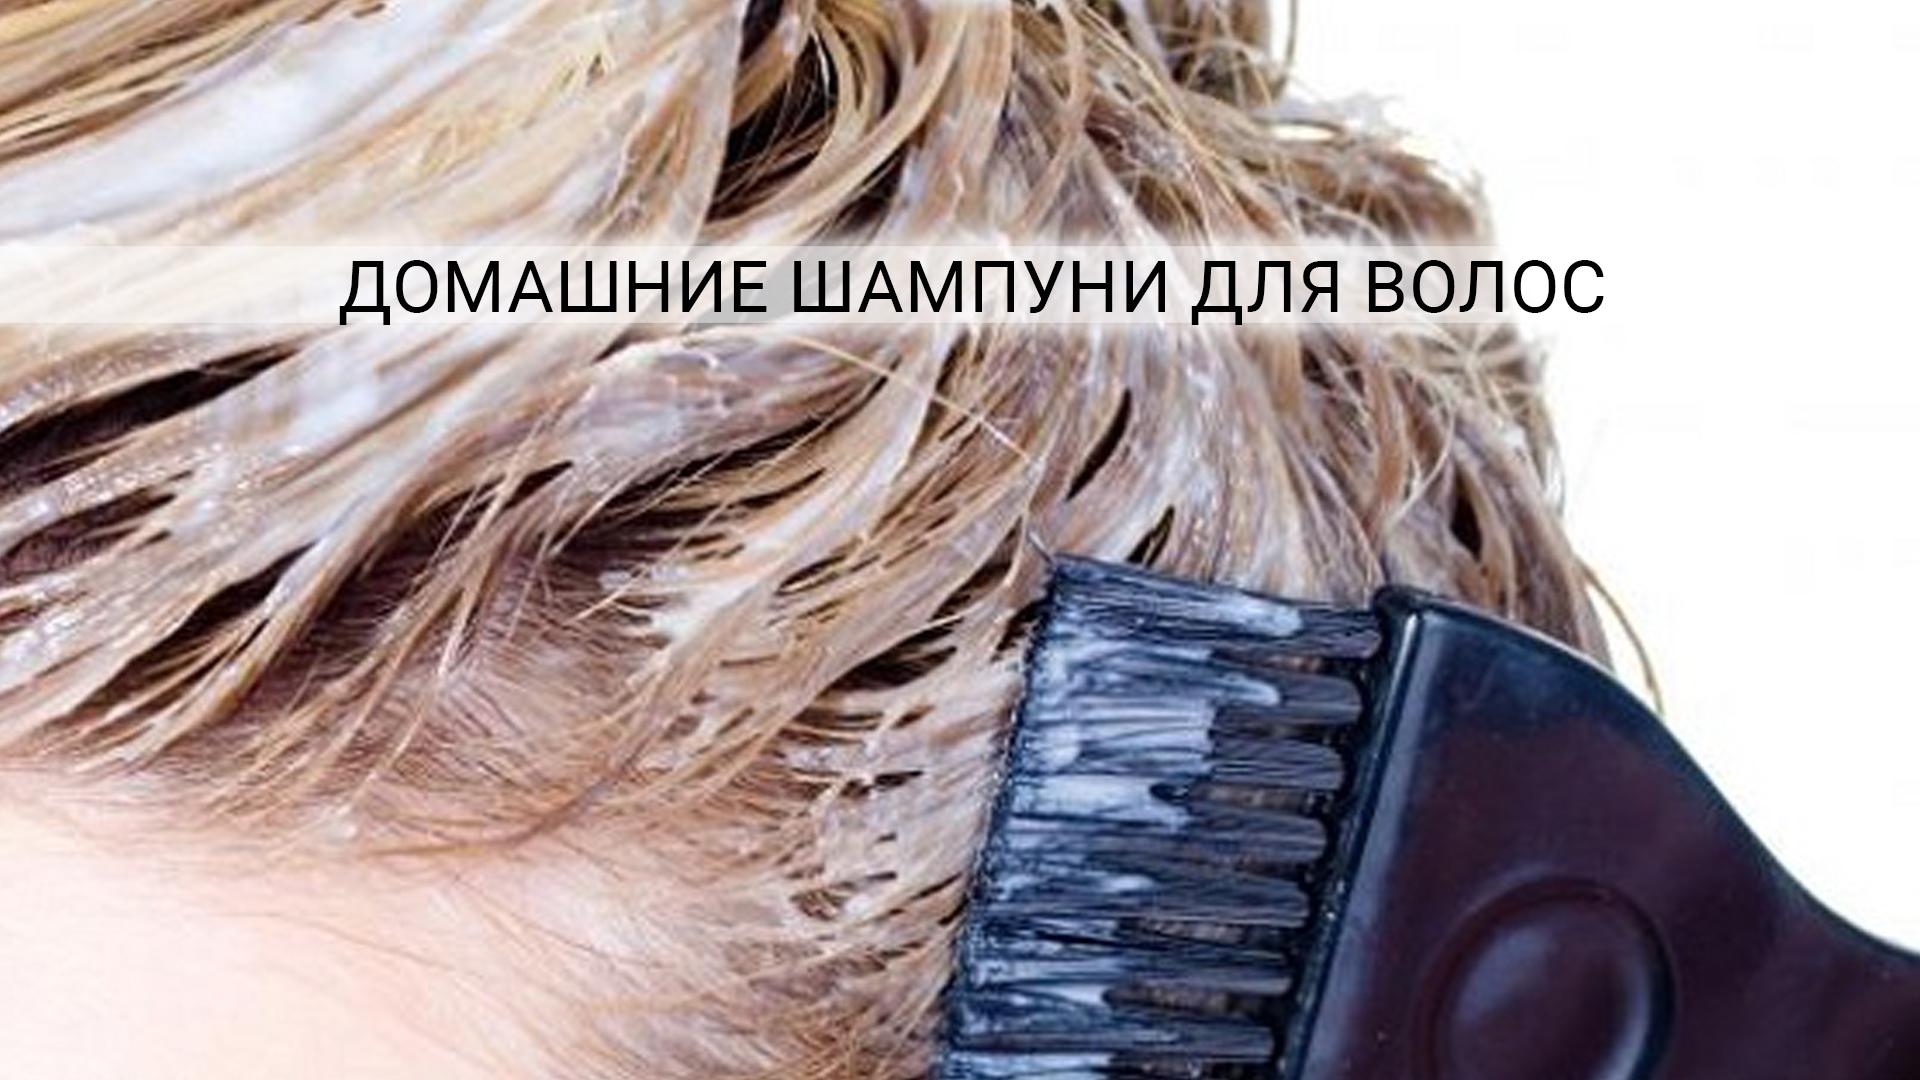 Приготовить шампунь для волос